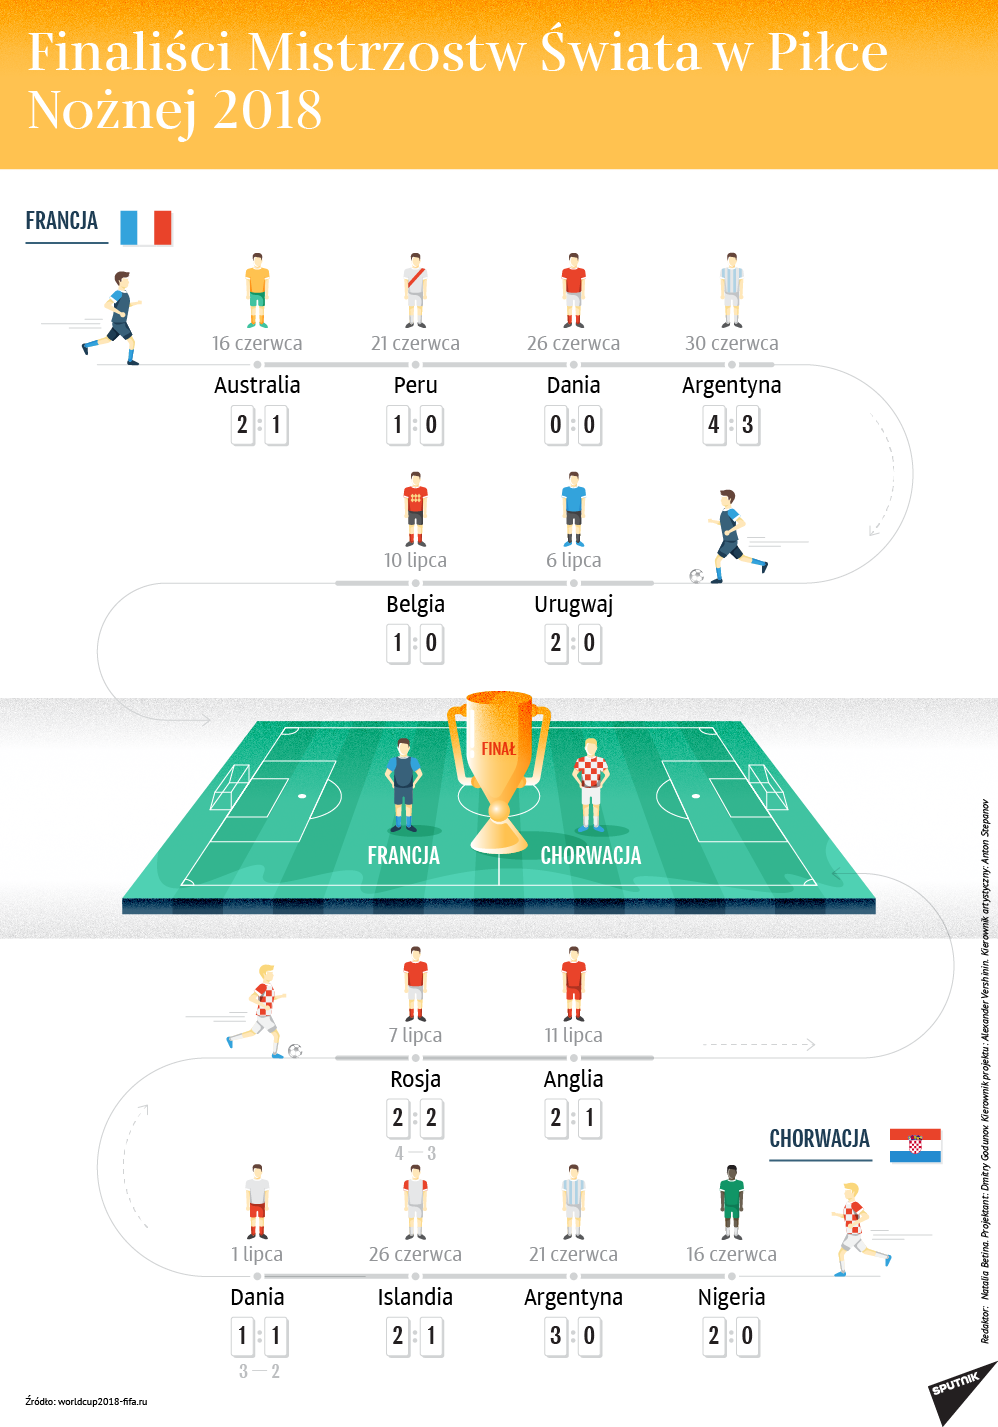 Finaliści Mistrzostw Świata w Piłce Nożnej 2018